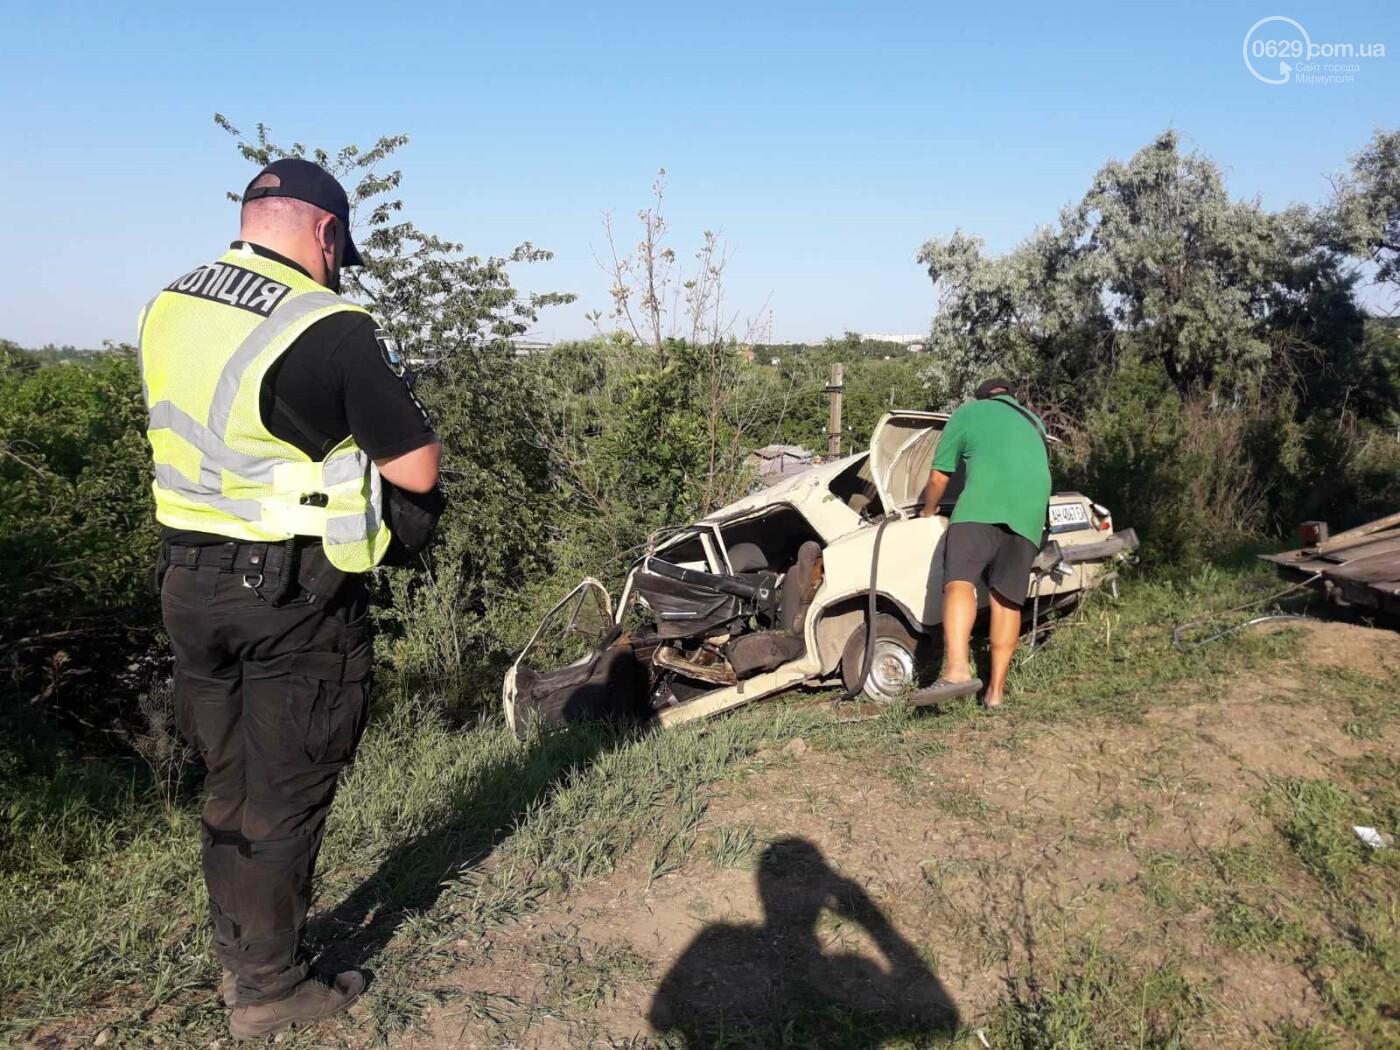 Серьезная авария в Кальмиусском районе. ВАЗ с пассажирами вылетел в кювет, четверо пострадавших, - ФОТО, фото-12